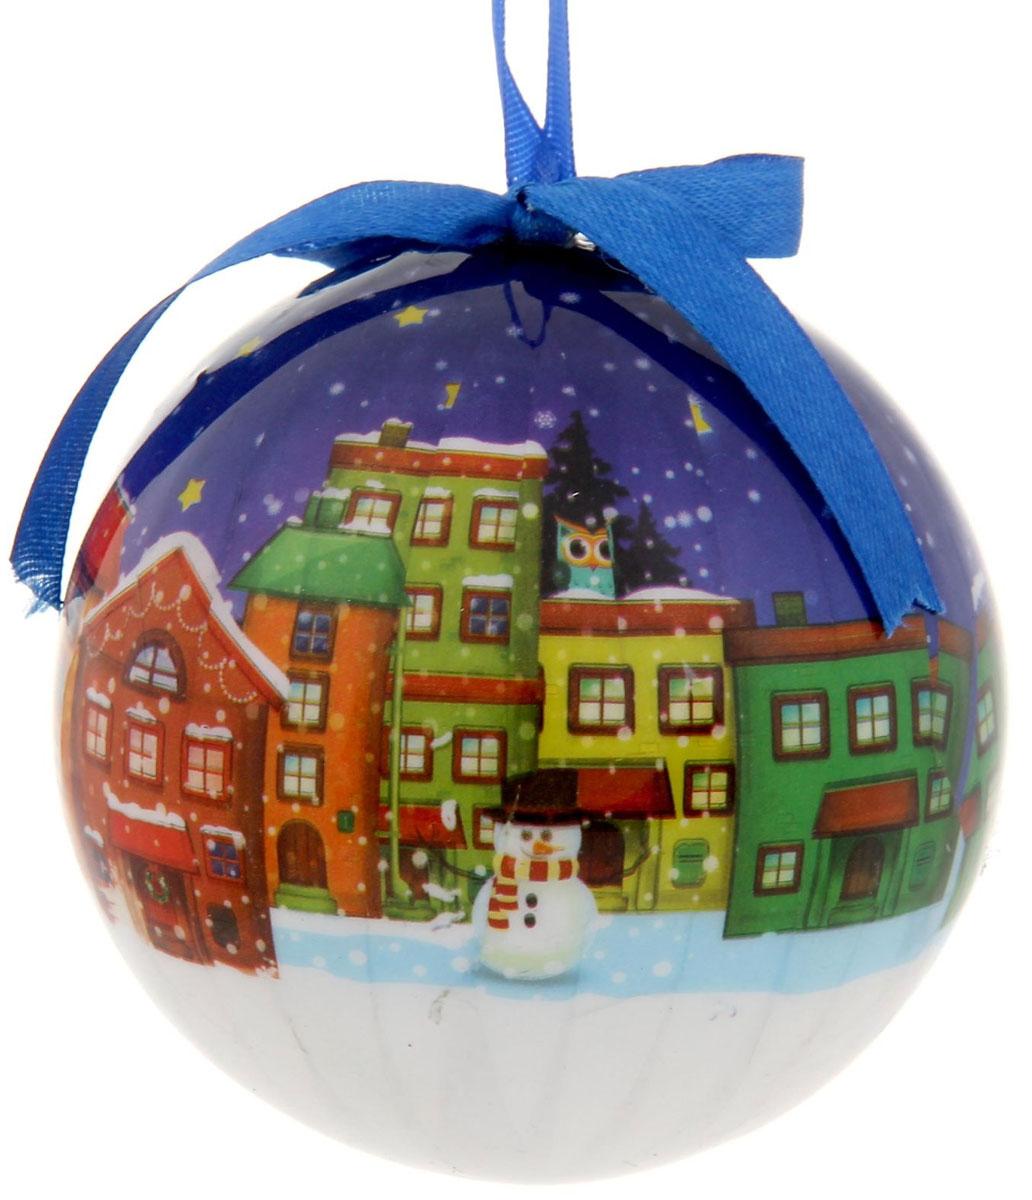 Новогоднее подвесное украшение Sima-land Домики, диаметр 10 см1099613Новогоднее подвесное украшение Sima-land Домики, выполненное из пенопласта и ПВХ, оформлено изображением города в Новогоднюю ночь. С помощью специальной текстильной петельки украшение можно повесить в любом понравившемся вам месте. Но, конечно, удачнее всего оно будет смотреться на праздничной елке. Елочная игрушка - символ Нового года. Она несет в себе волшебство и красоту праздника. Создайте в своем доме атмосферу веселья и радости, украшая новогоднюю елку нарядными игрушками, которые будут из года в год накапливать теплоту воспоминаний.